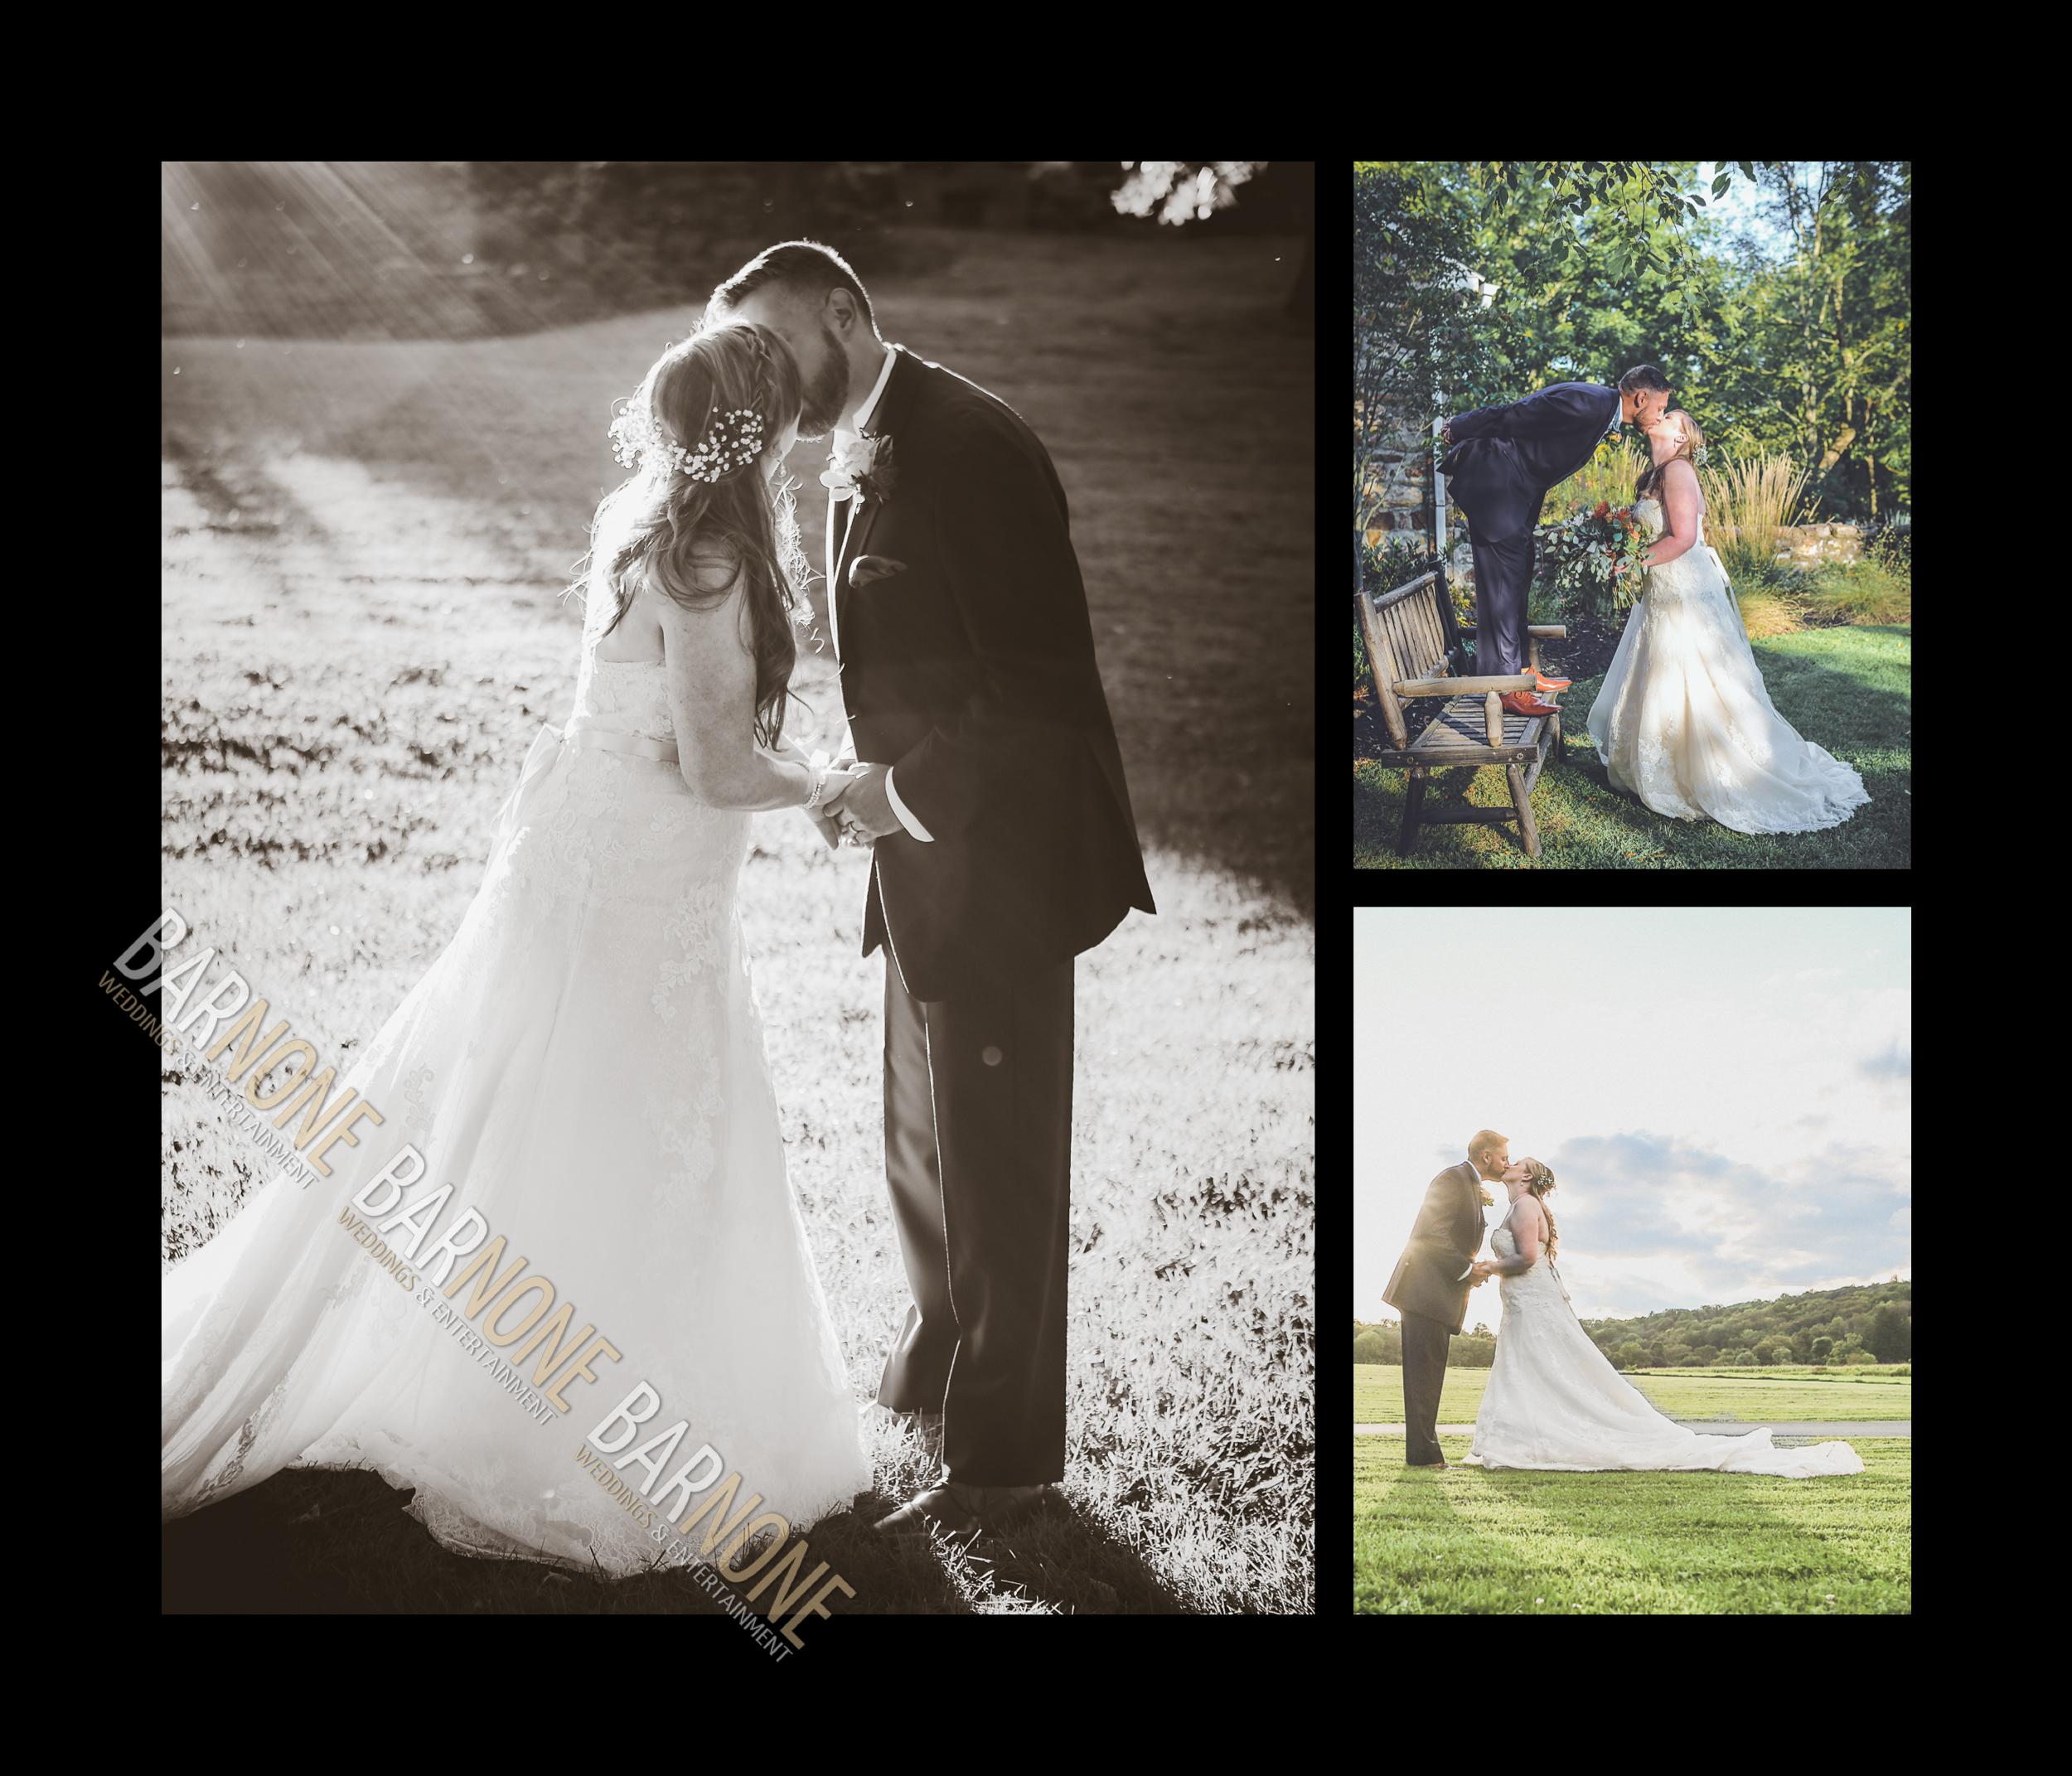 Bally Spring Inn Wedding Photography - Bar None Photography